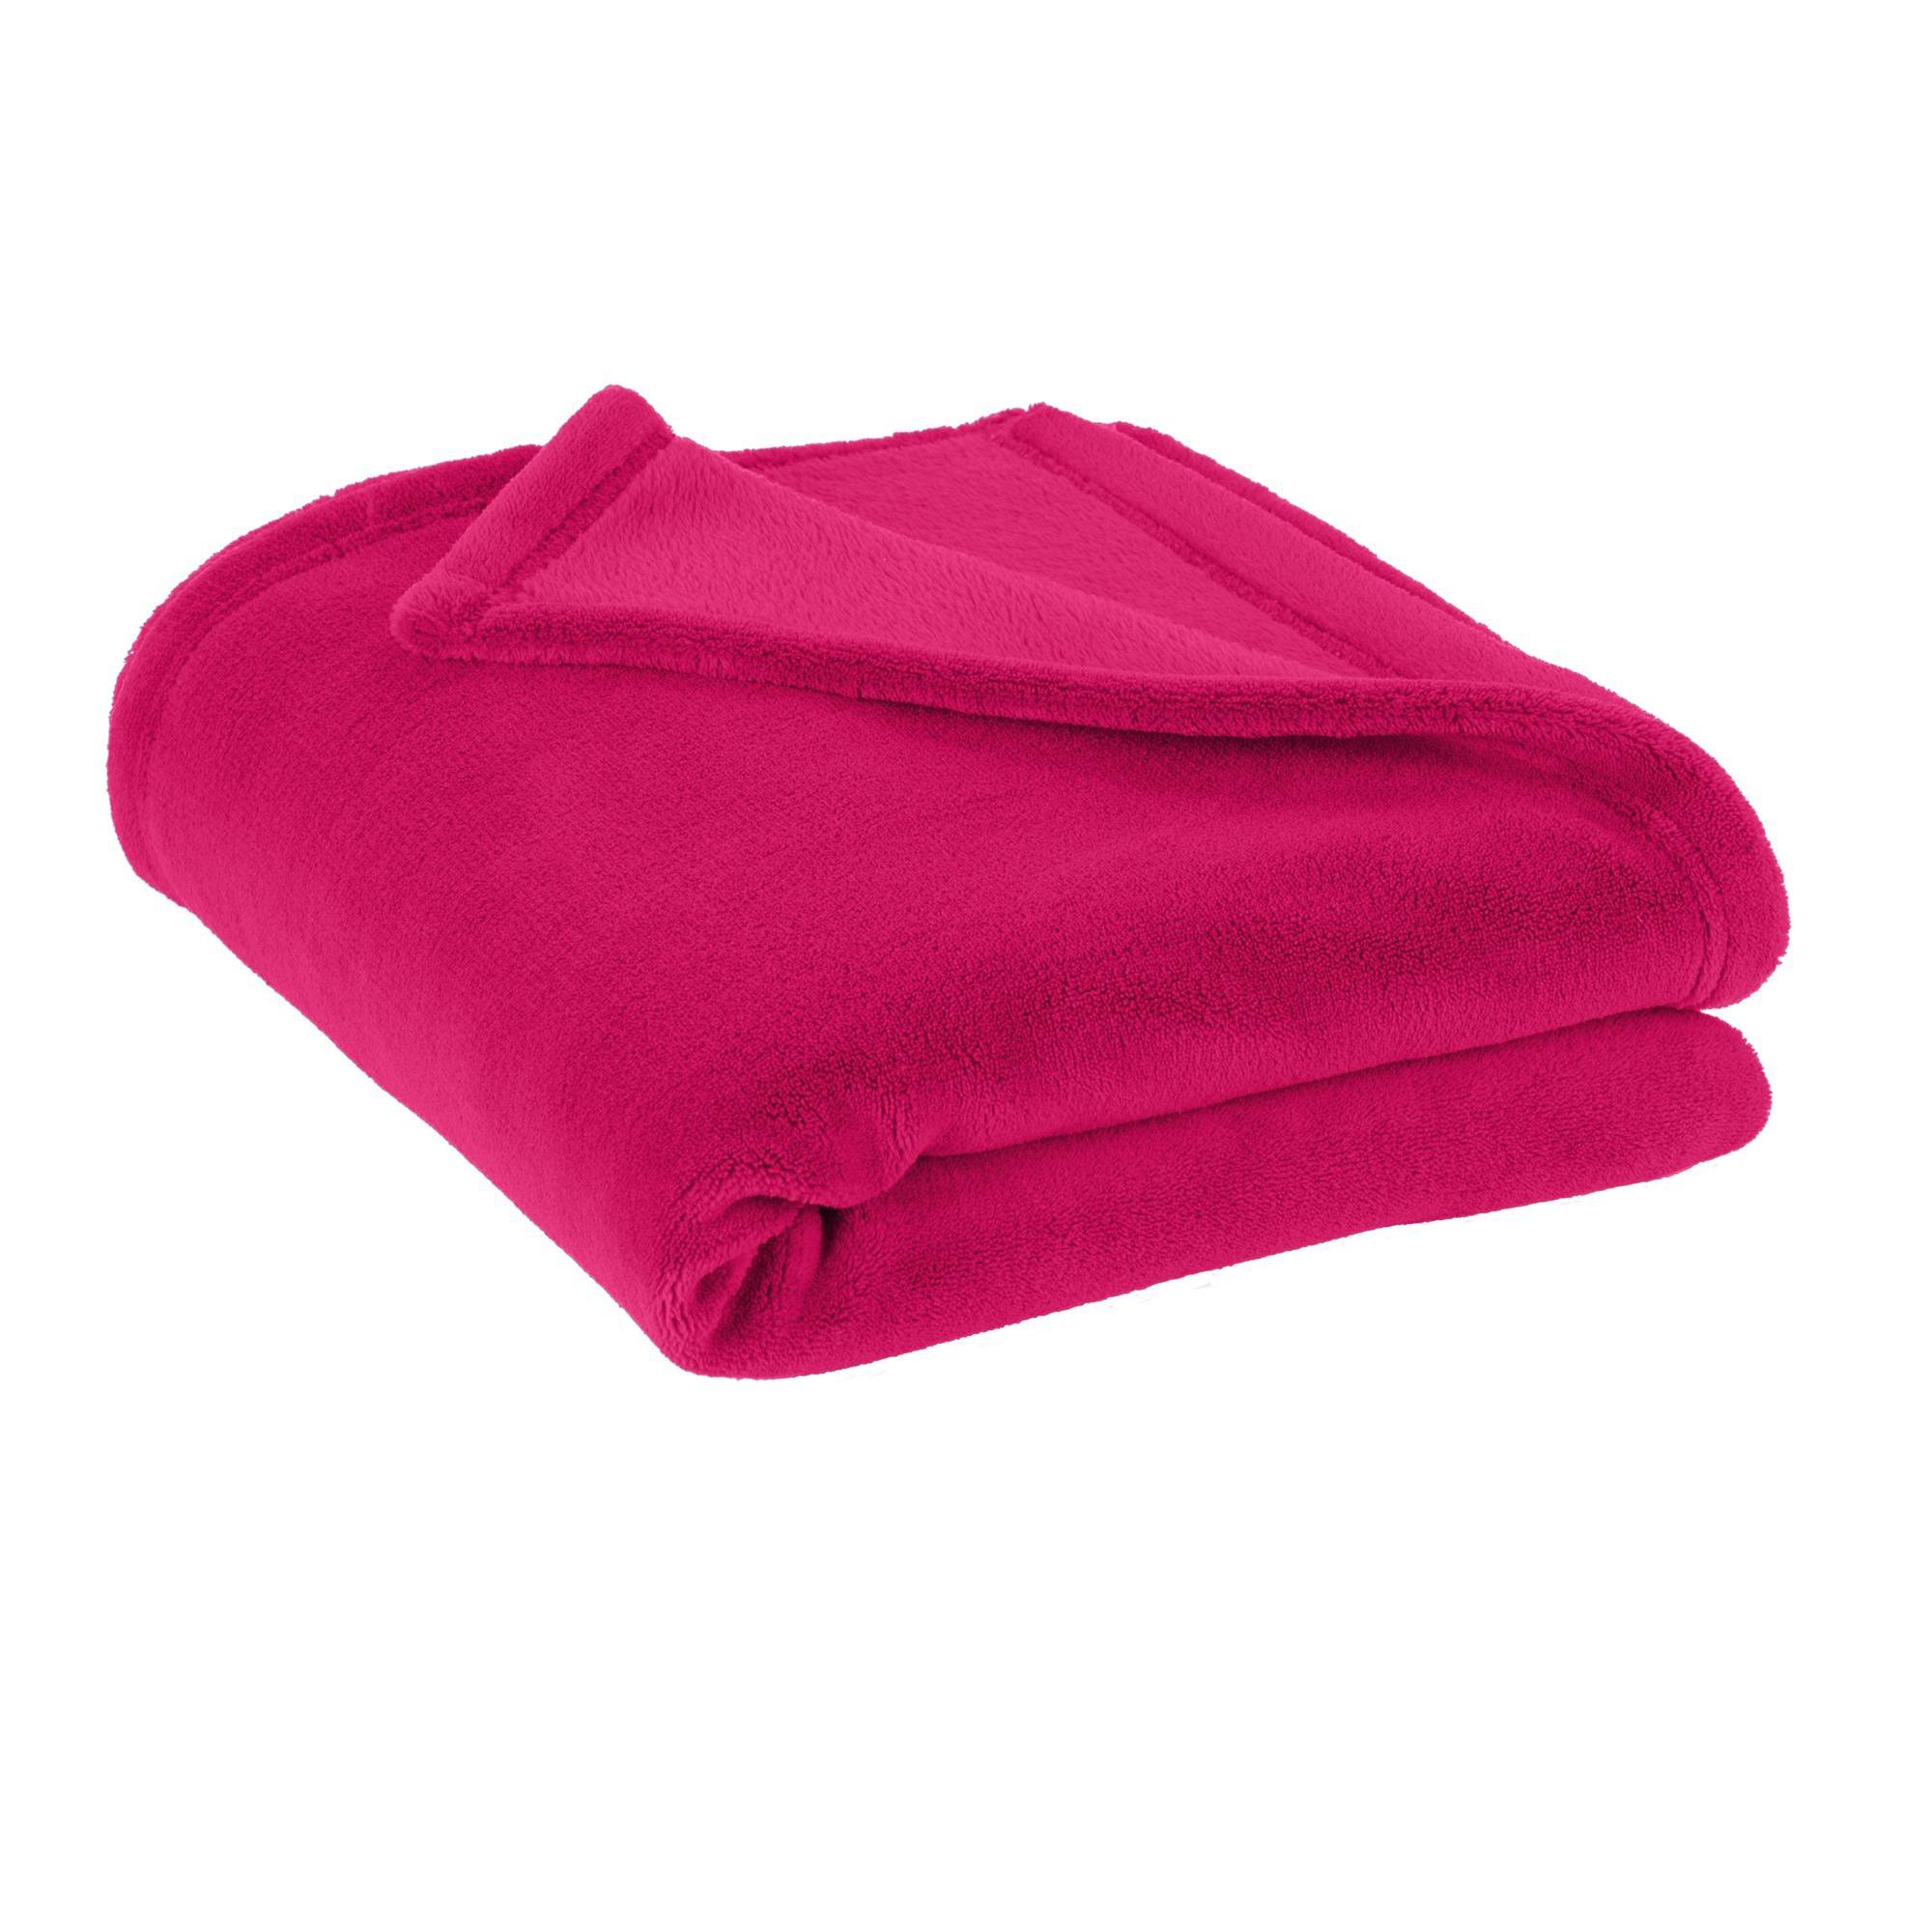 Warm Blanket Clipart 15246.